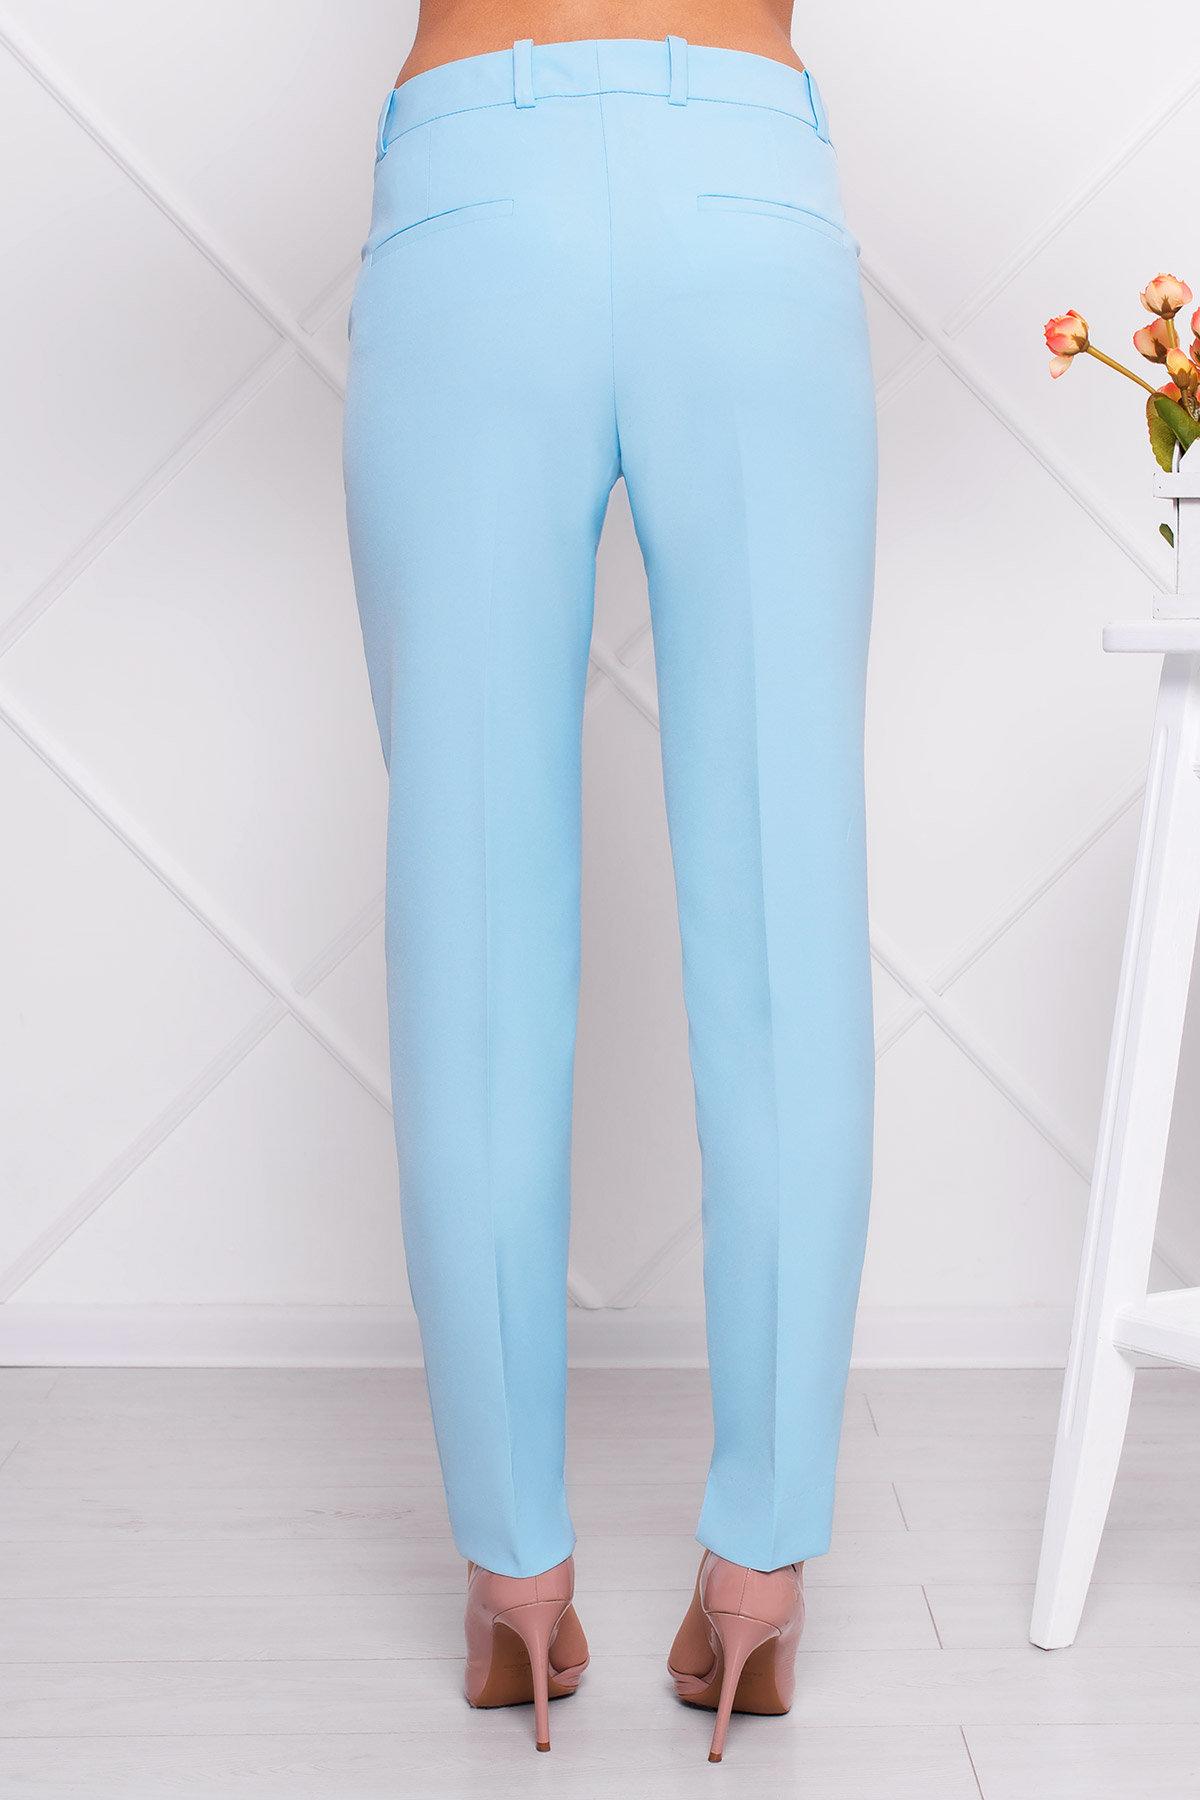 Базовые брюки со стрелками Эдвин 2467 АРТ. 14912 Цвет: Голубой - фото 2, интернет магазин tm-modus.ru